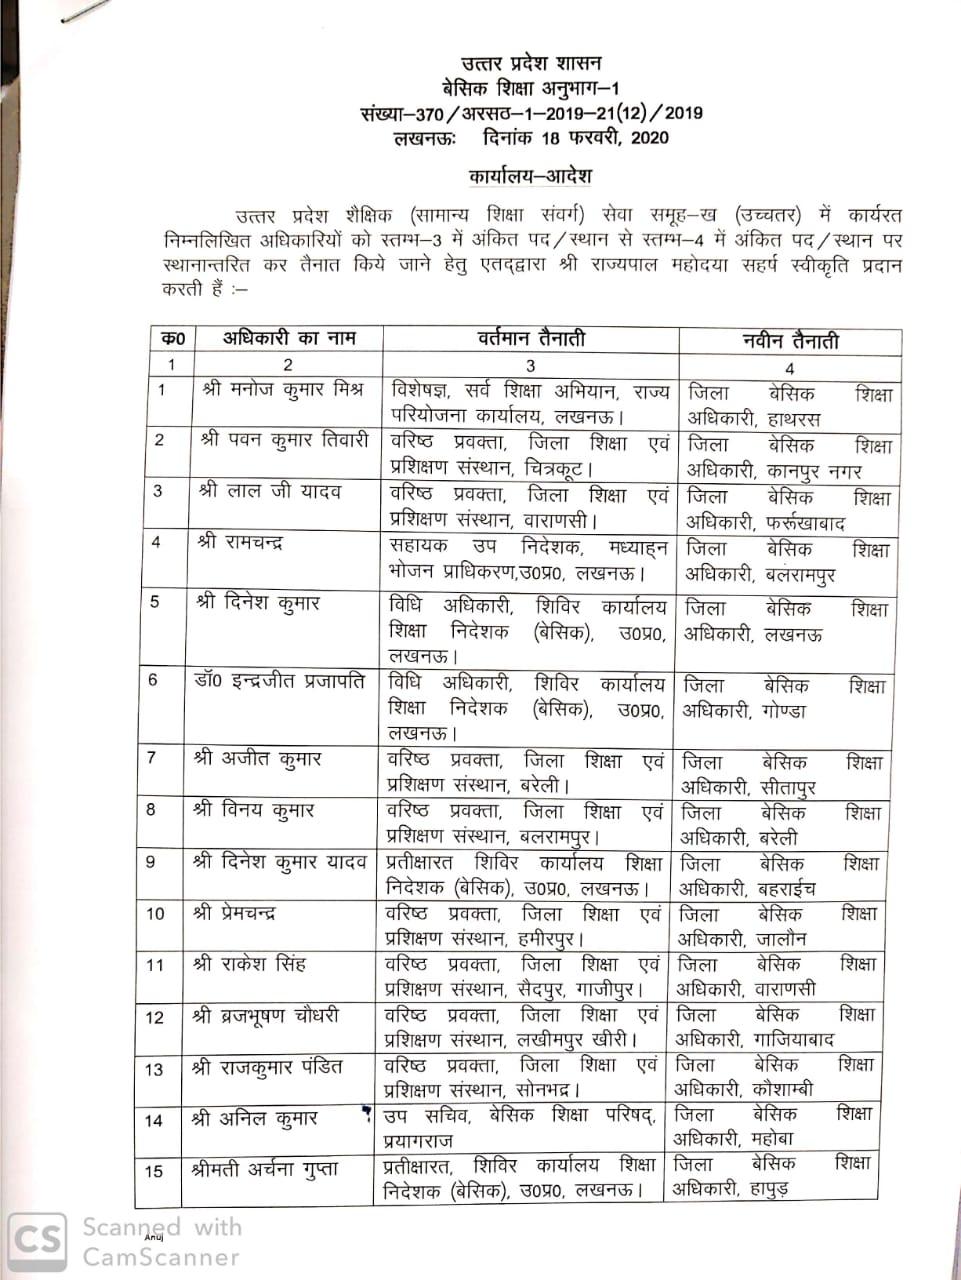 यूपी में शिक्षाधिकारियों के बम्पर तबादले, कई जिलों के बीएसए गए हटाये तो कई को मिली बीएसए पद पर नई तैनाती